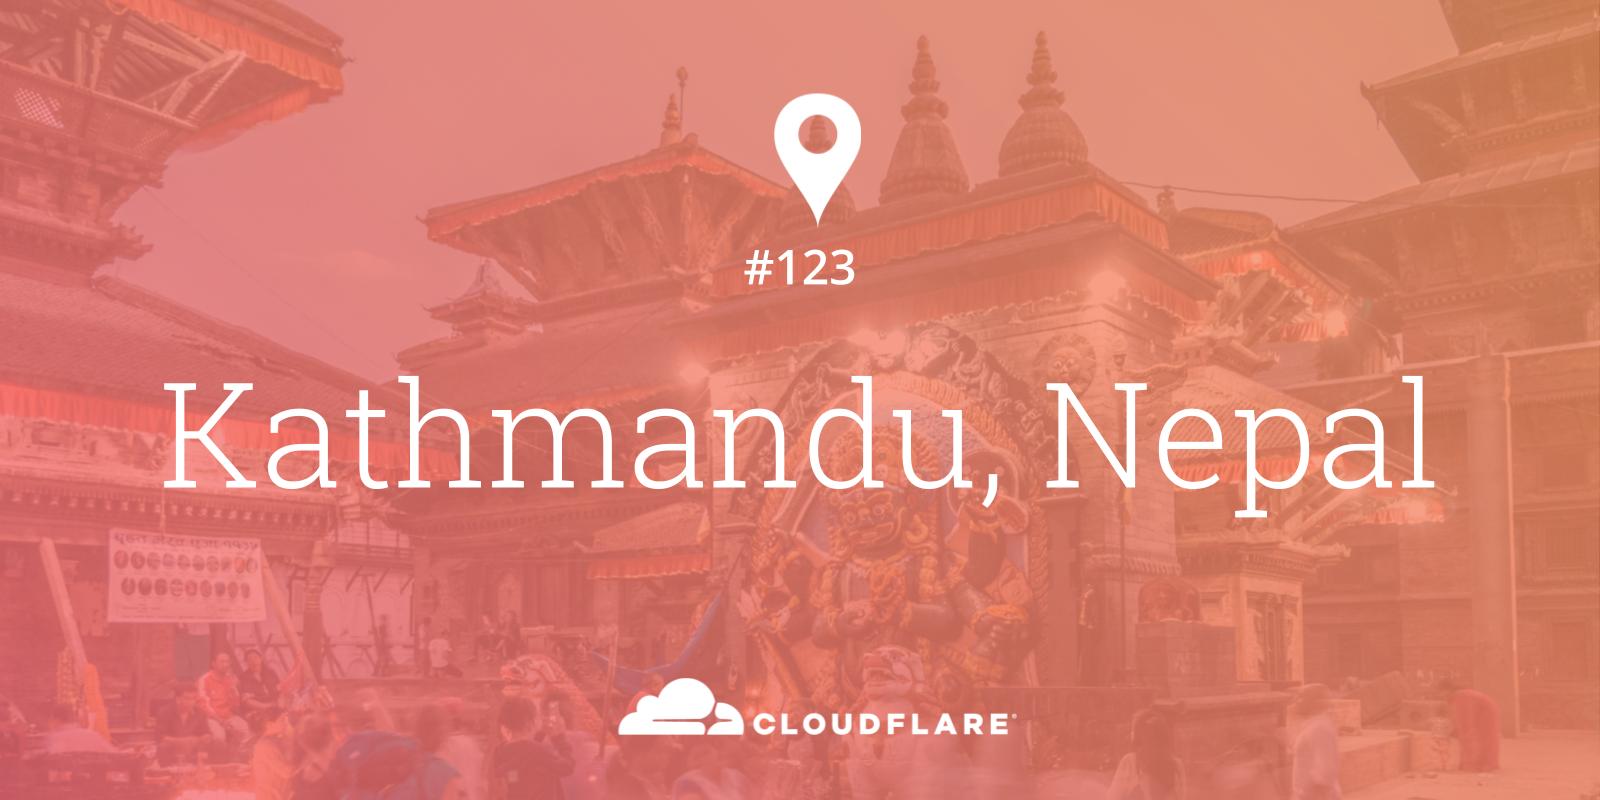 Kathmandu123